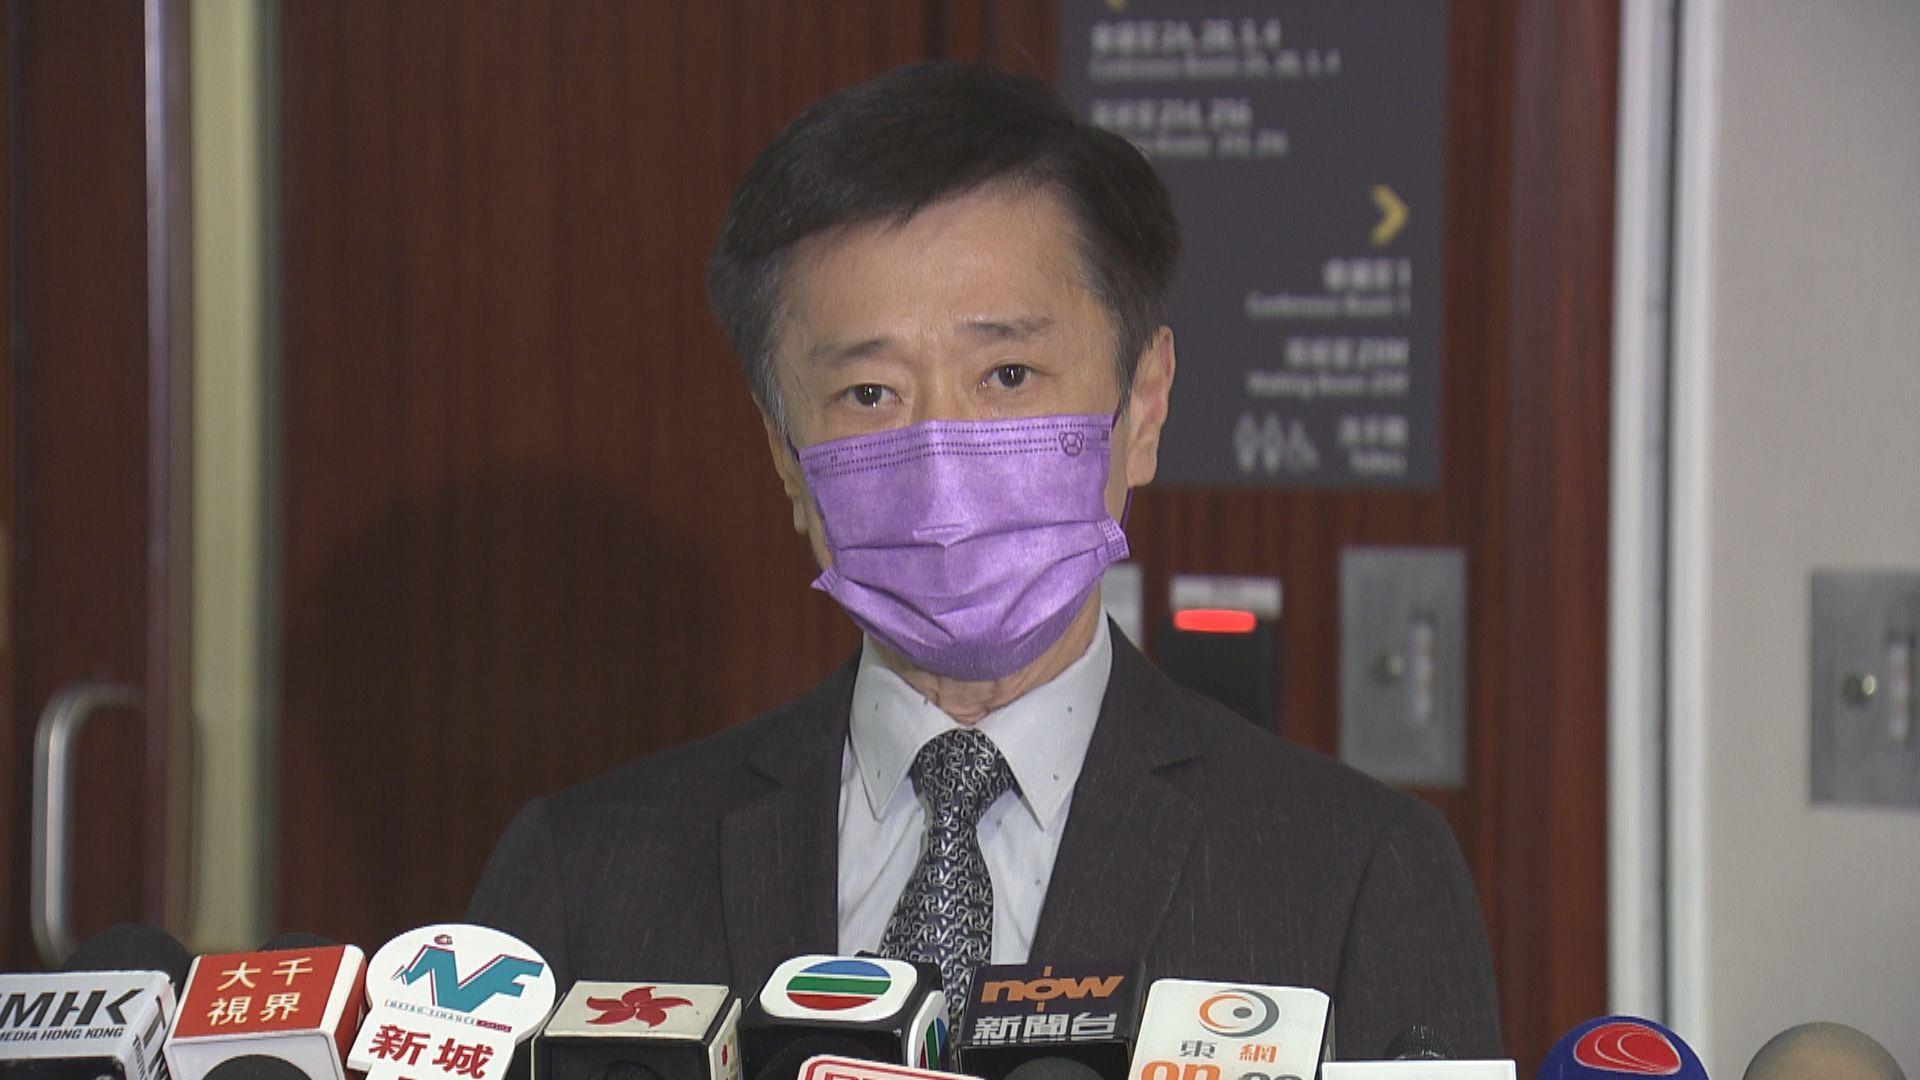 彭博:星港旅遊氣泡細節推遲公布 由新加坡決定取消